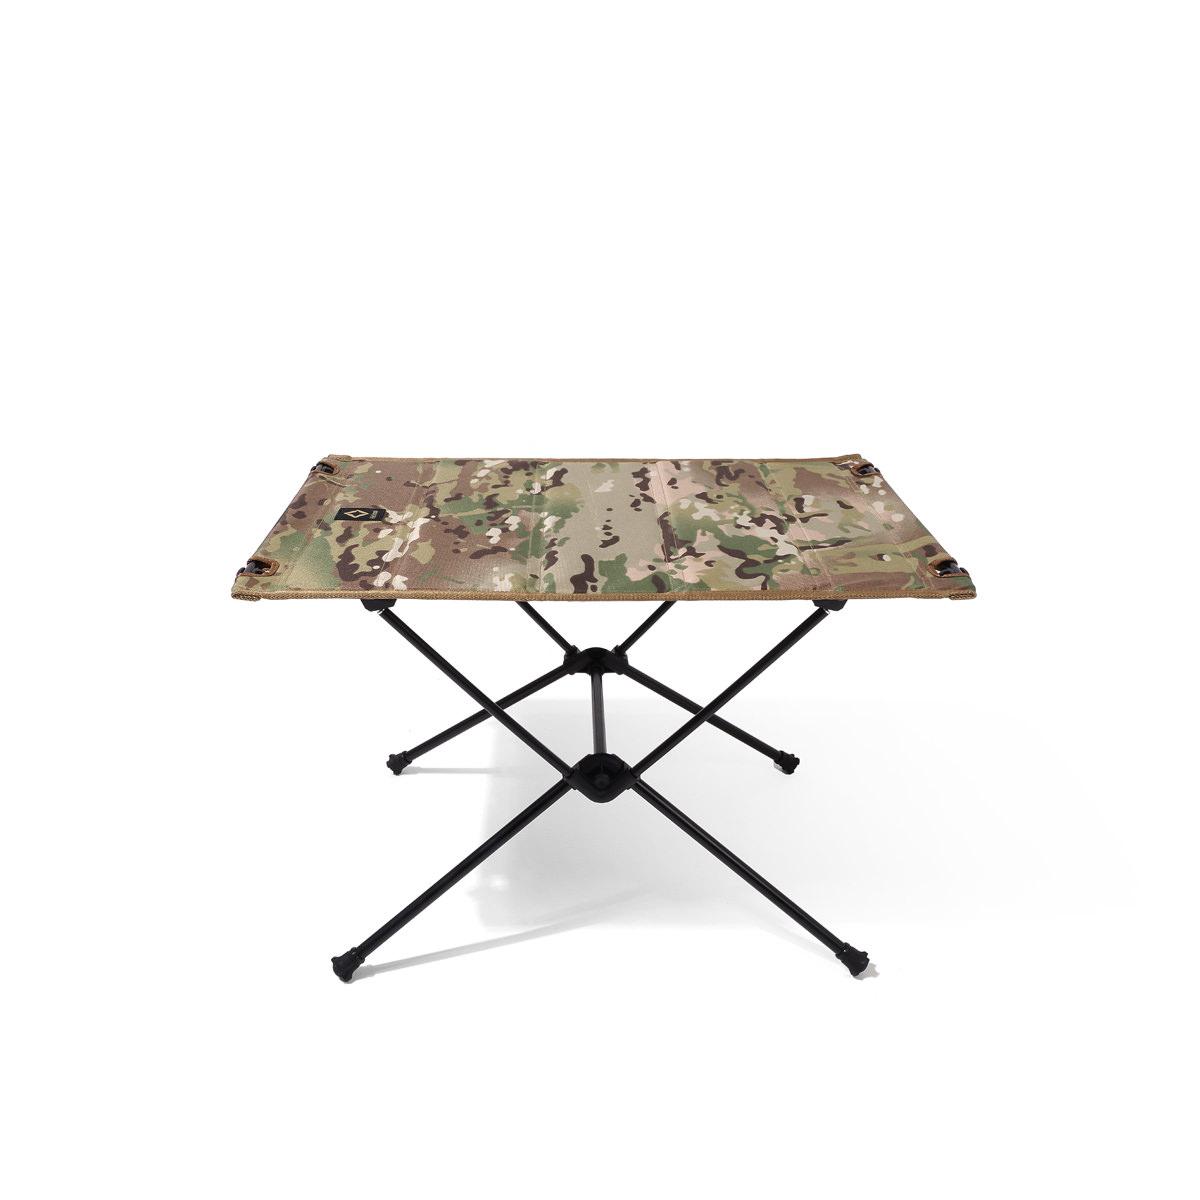 タクティカル テーブル M / マルチカモ